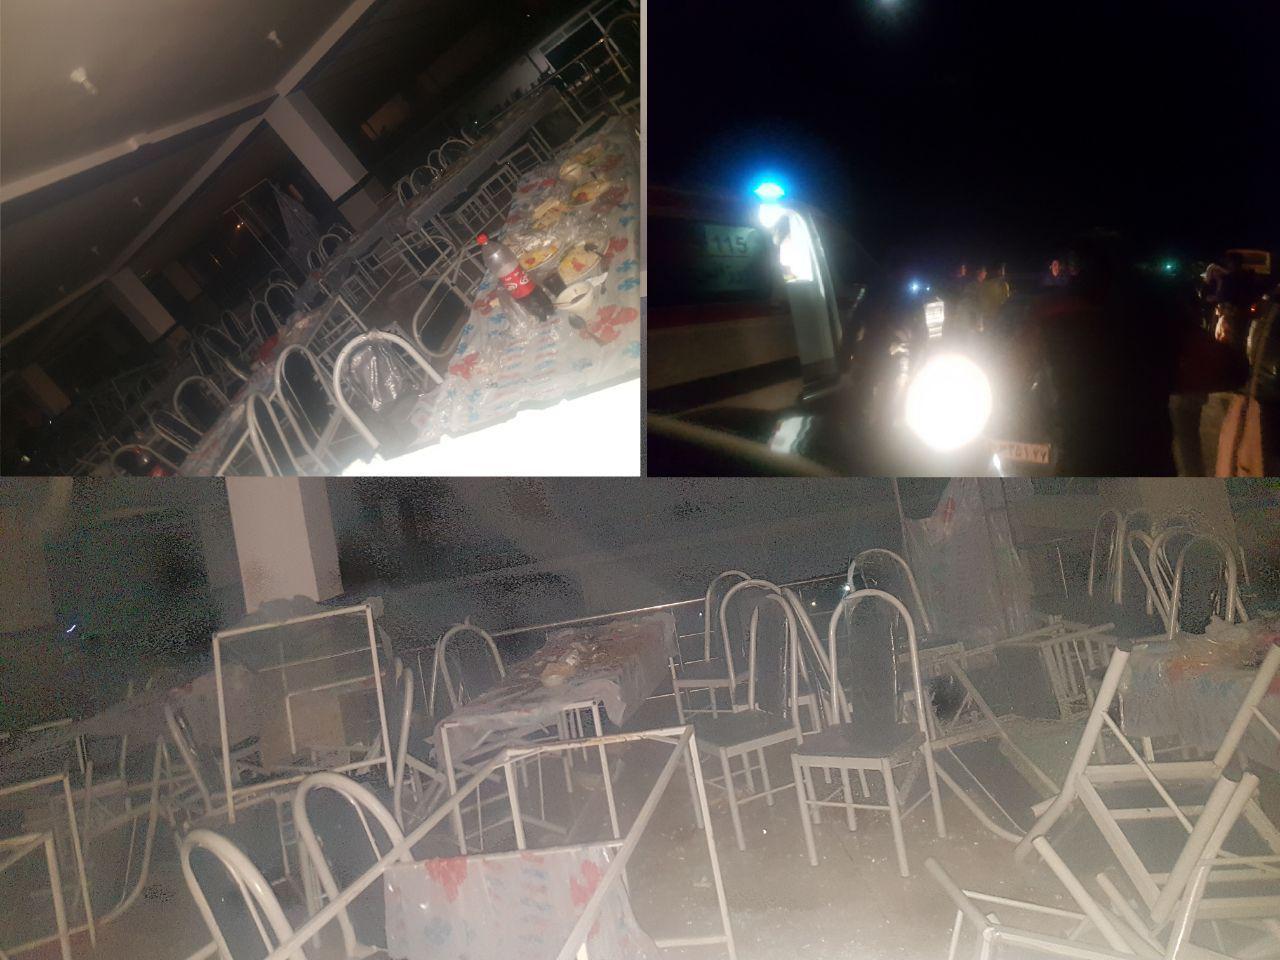 انفجار مرگبار در مراسم عروسی/ 10 نفر کشته شدند+عکس و فیلم